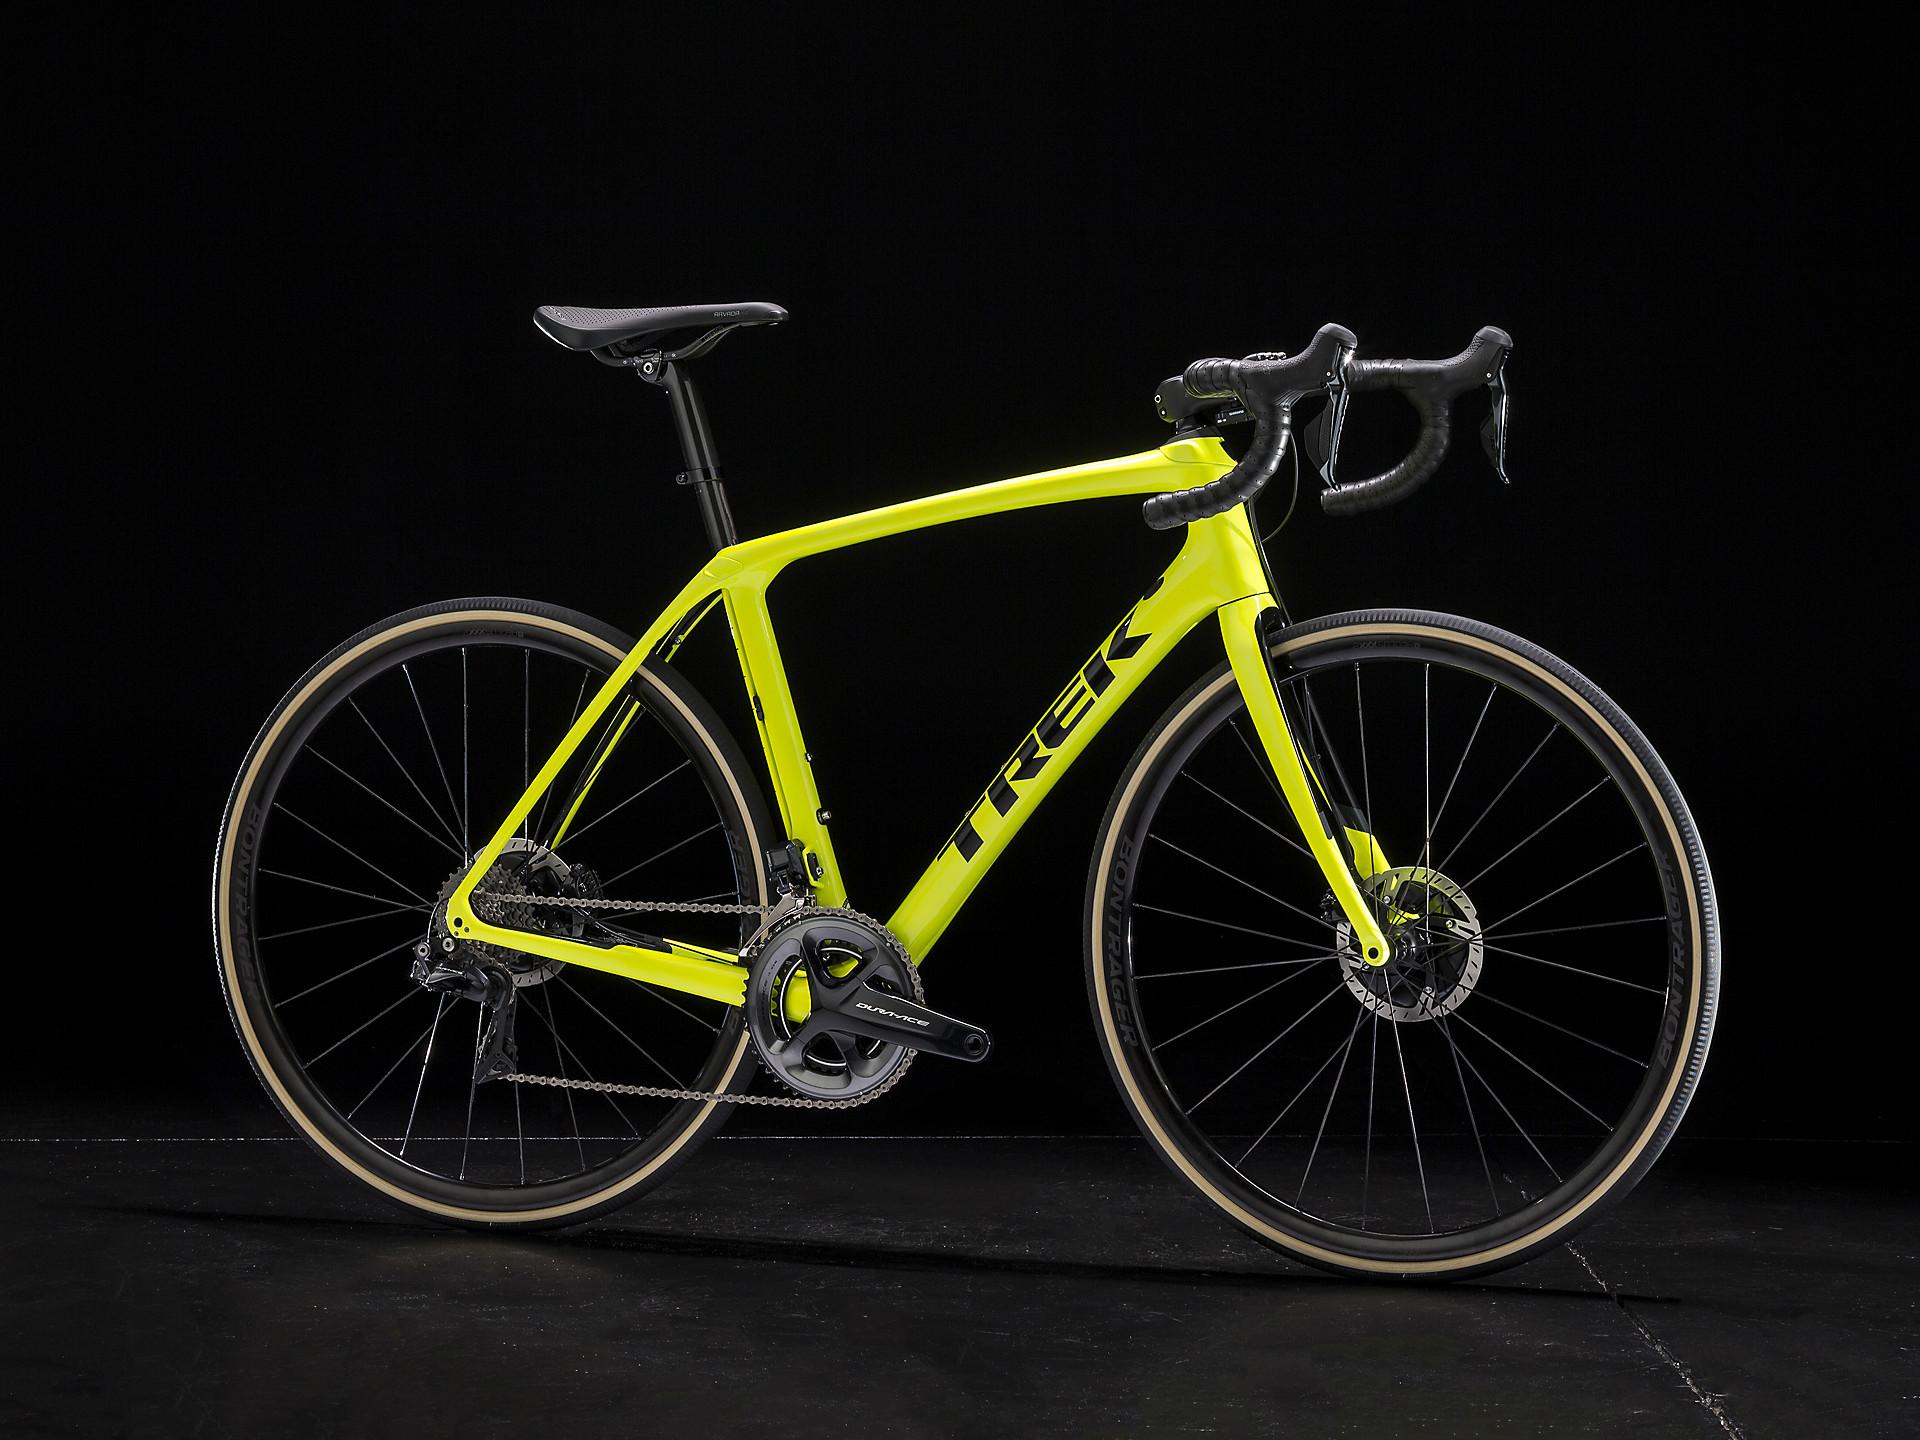 0483db22e65 Domane SLR 9 Disc | Trek Bikes (AU)